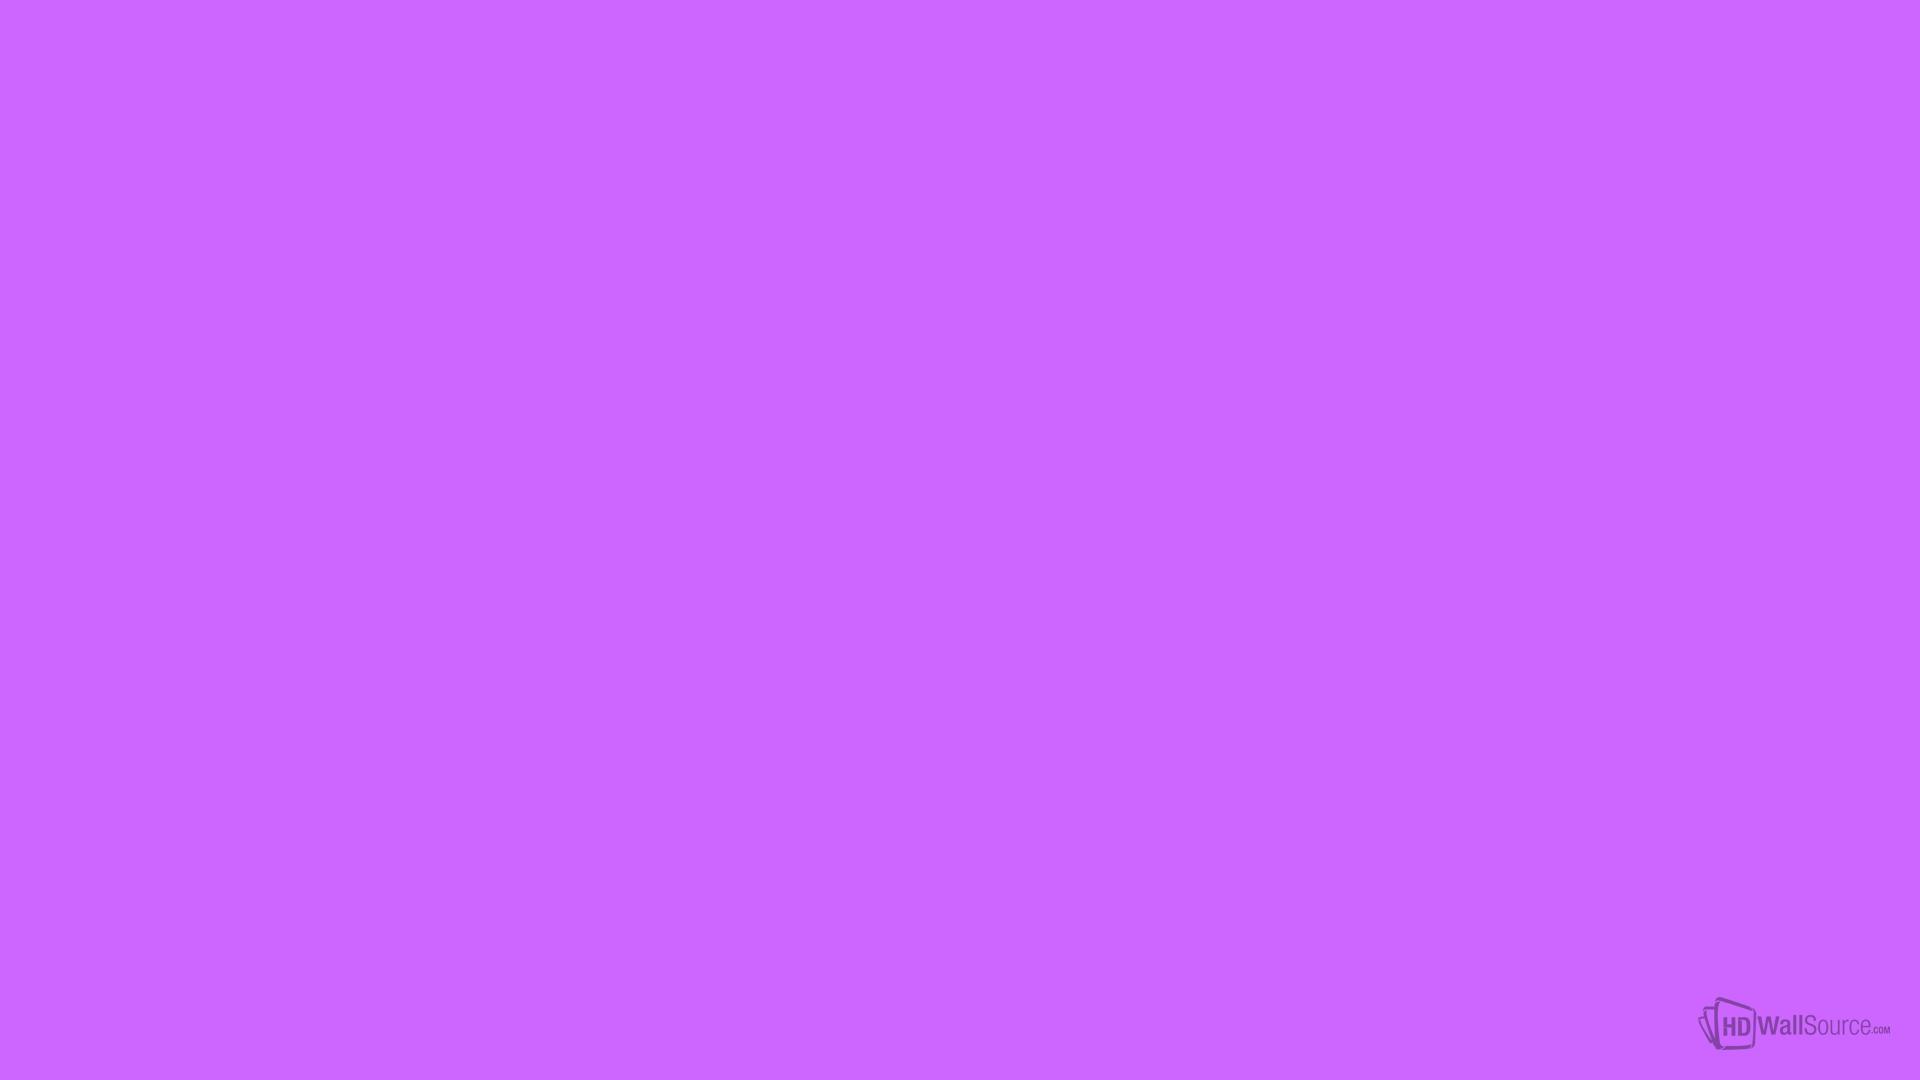 cc66ff wallpaper 71001